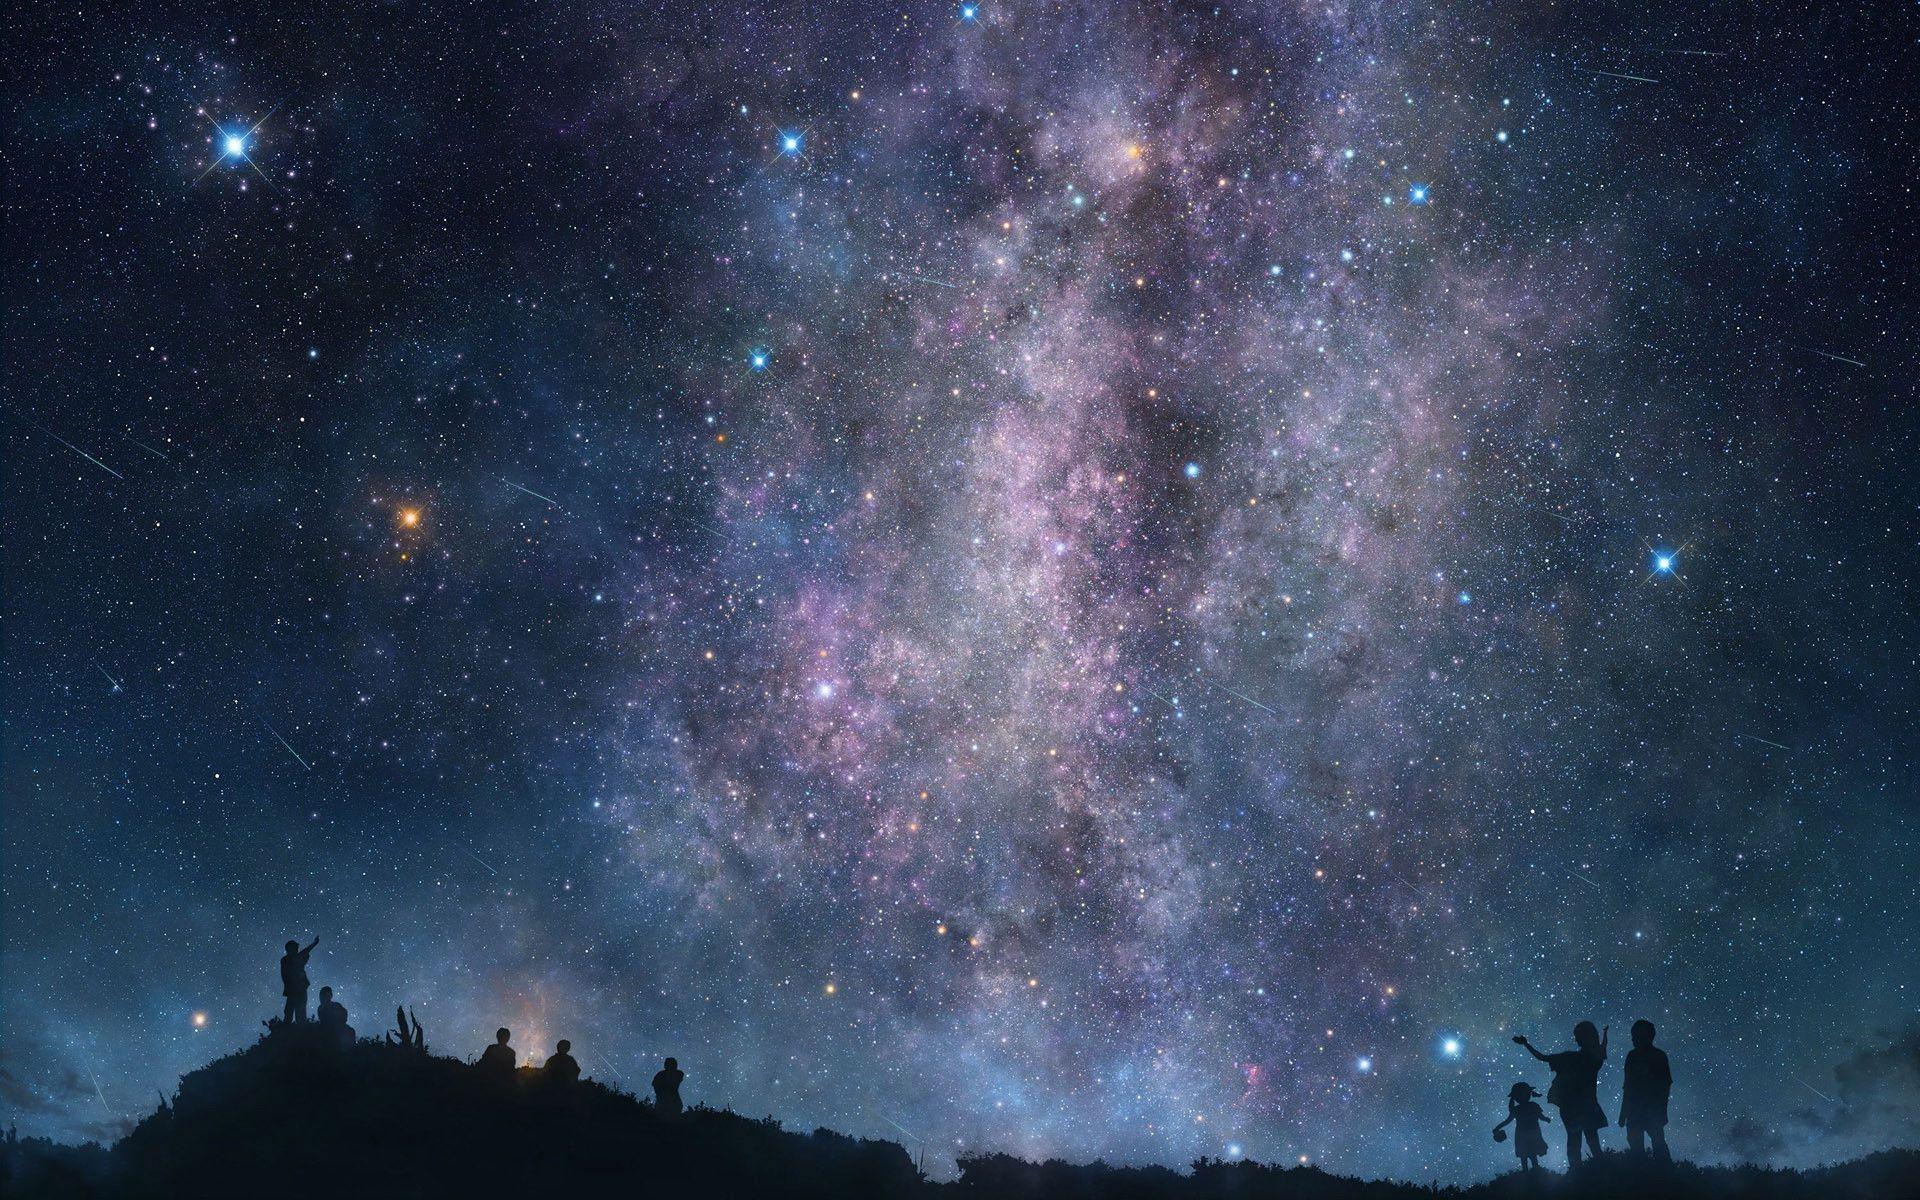 Night Sky Stars Wallpaper Mobile For Desktop 1920x1200 Px 550 91 Kb Night Sky Wallpaper Night Sky Stars Star Wallpaper